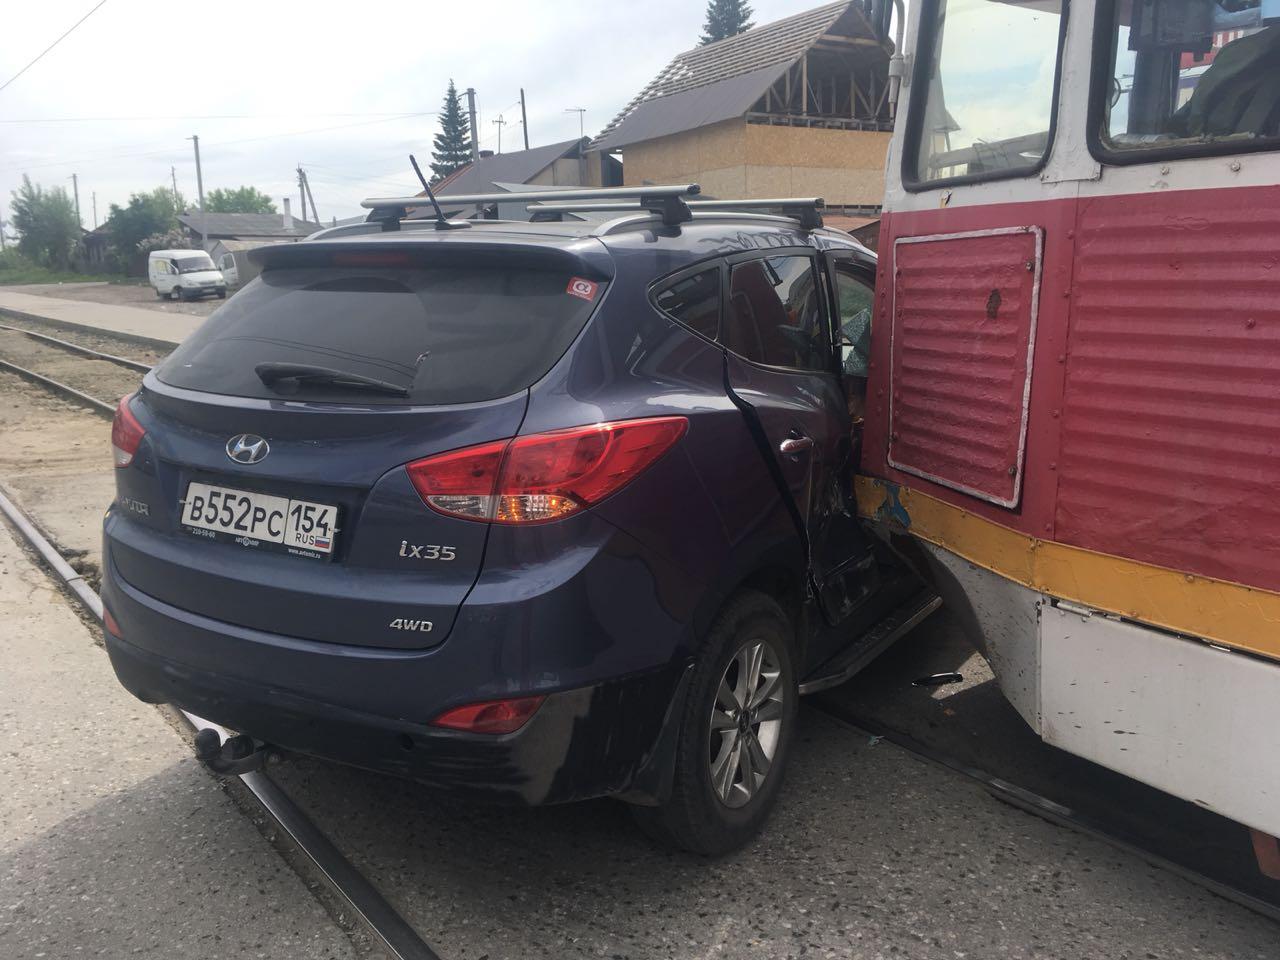 Авария случилась в 16:00, трамвай и автомобиль ехали по улице Троллейной